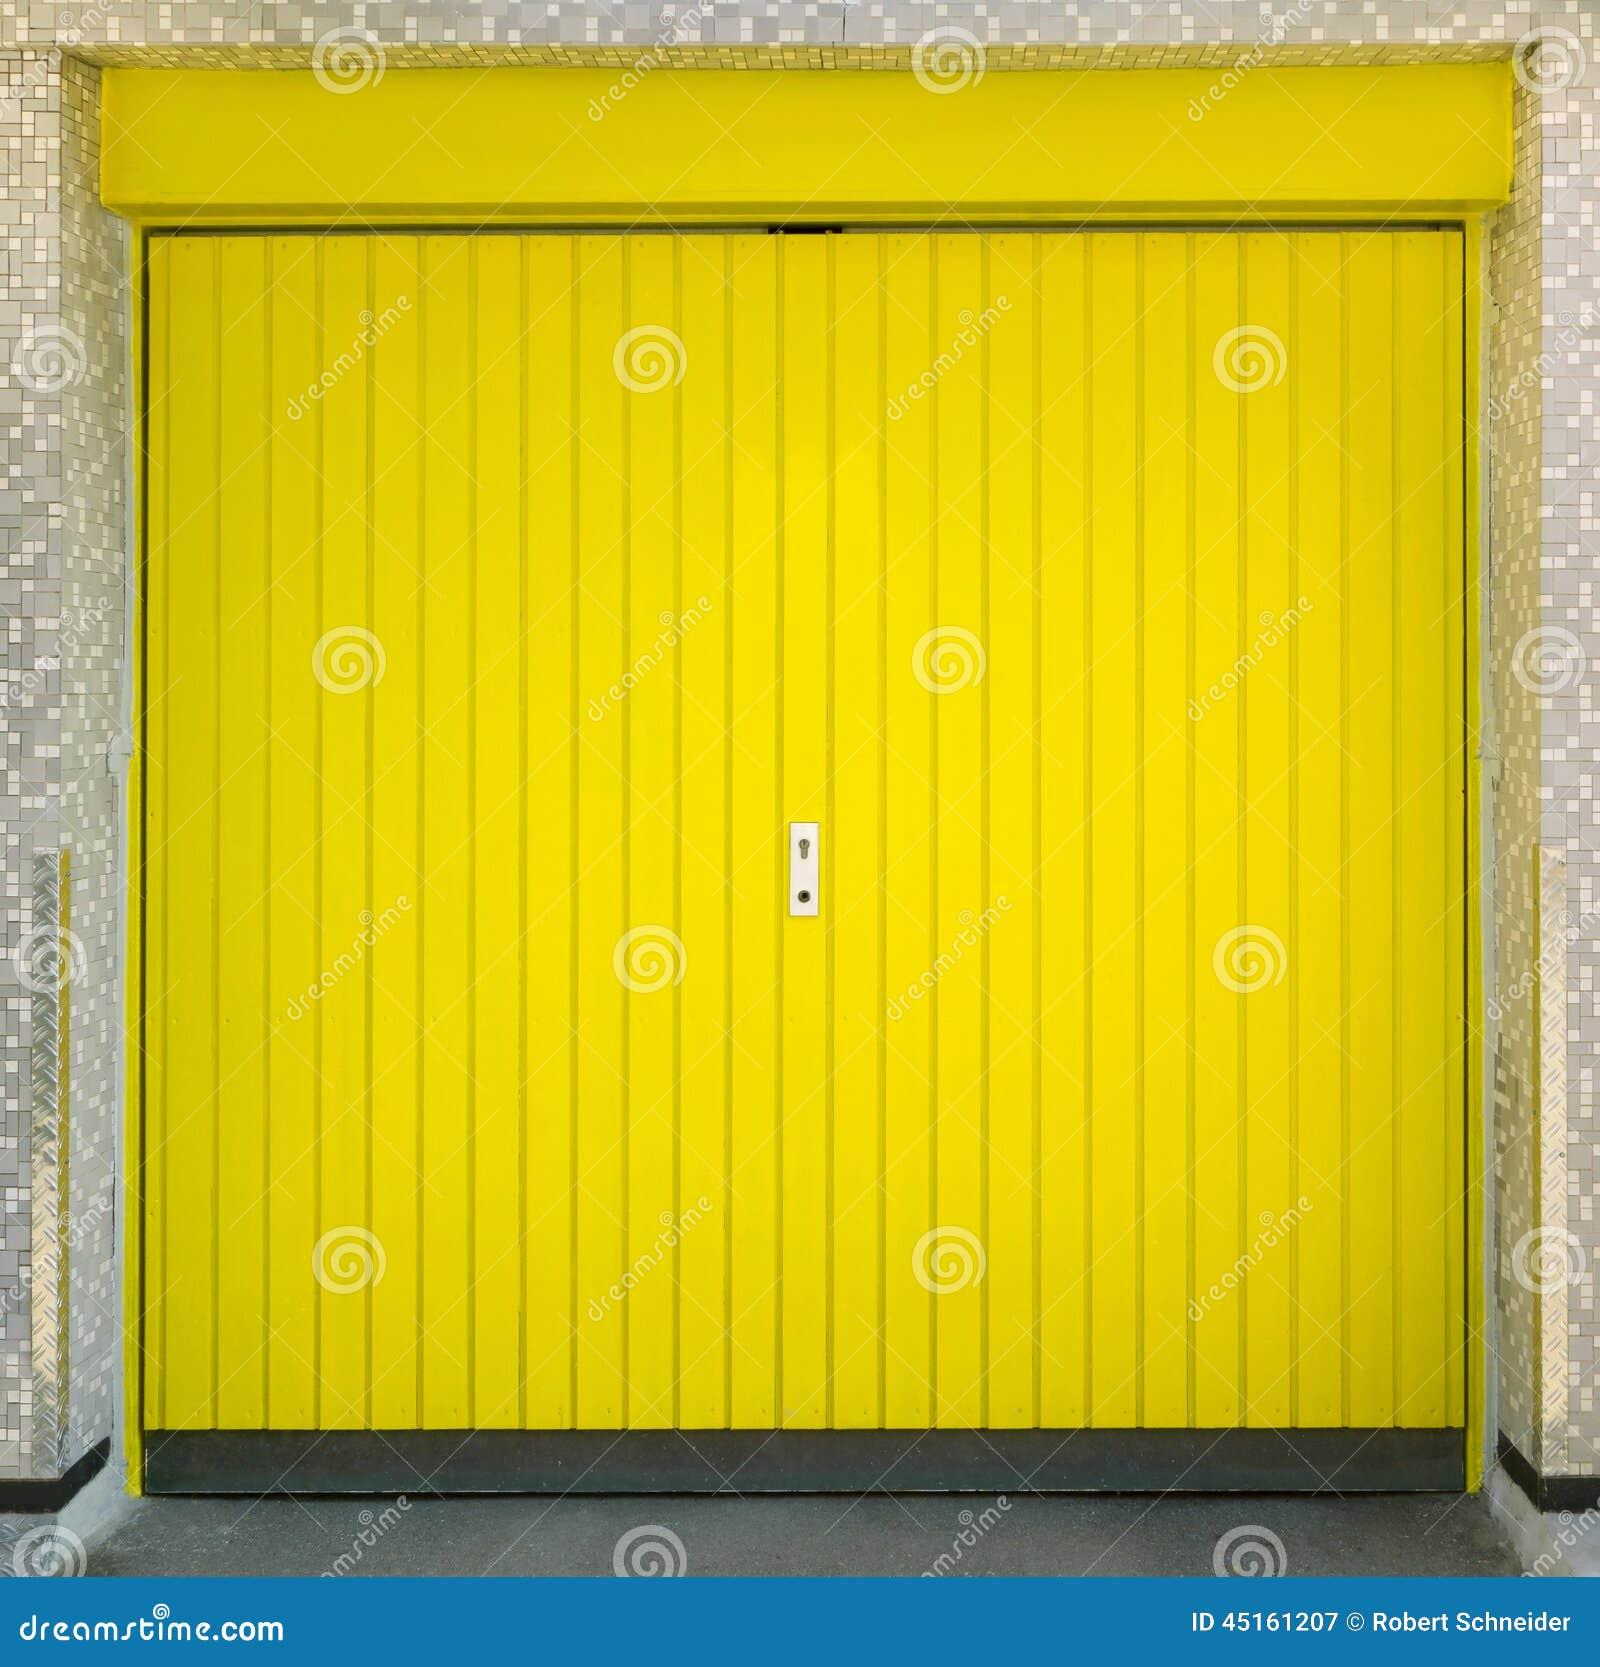 Garage Door Laser Light Yellow: Yellow Garage Door Stock Image. Image Of Boards, Vertical